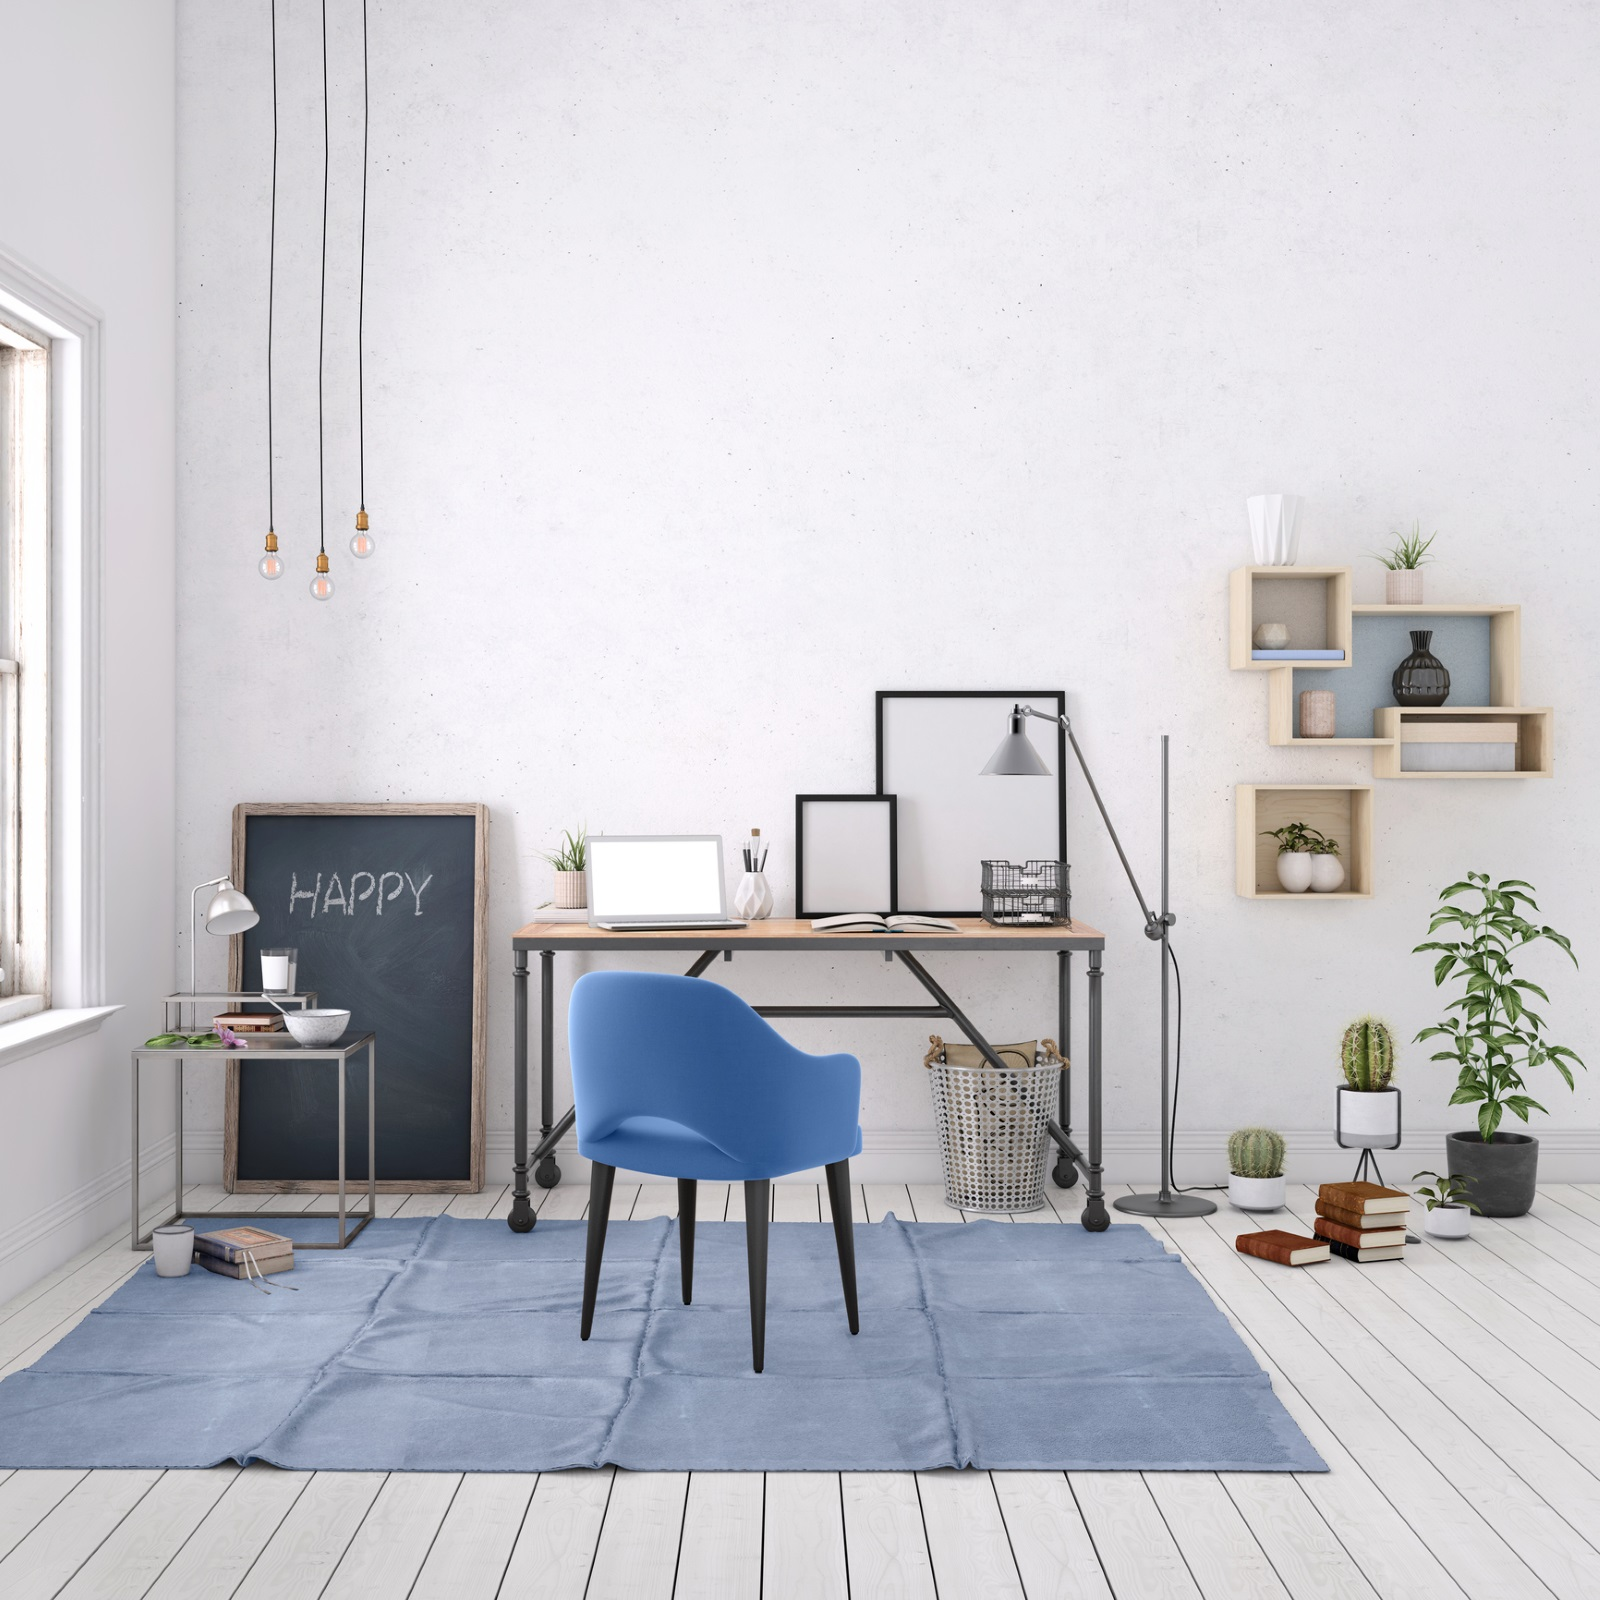 <p>Важното е да персонализирате личното си пространство с предмети, които ви вдъхновяват. Експериментирайте с размерите и наблегнете на снимки с минималистични рамки.</p>